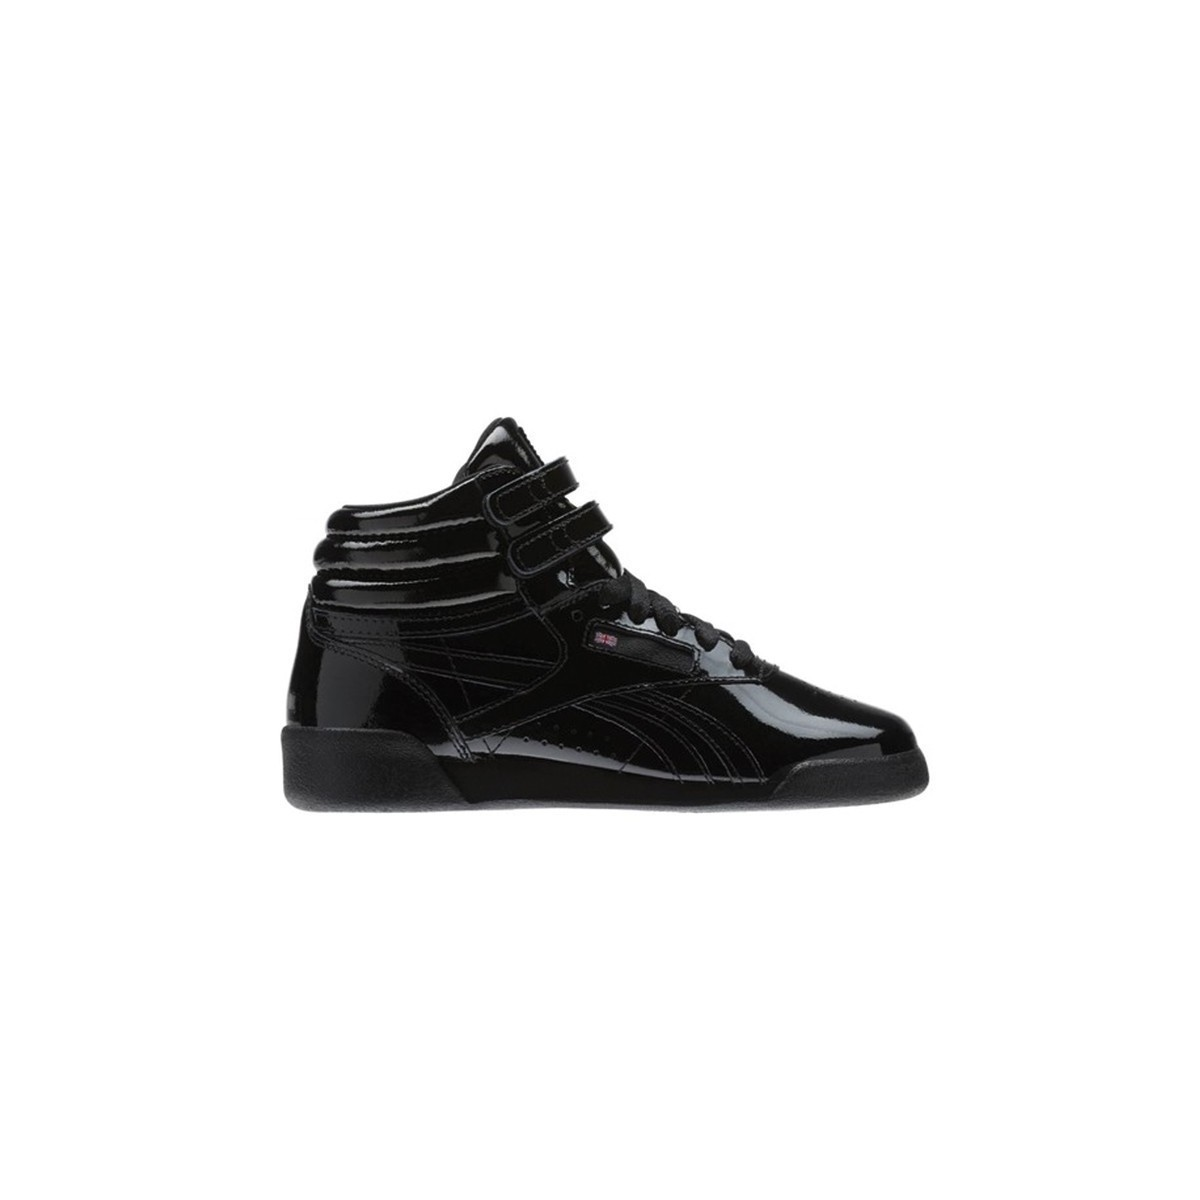 f7a7ddbc9e0e5 Basket Reebok montante vernis noir